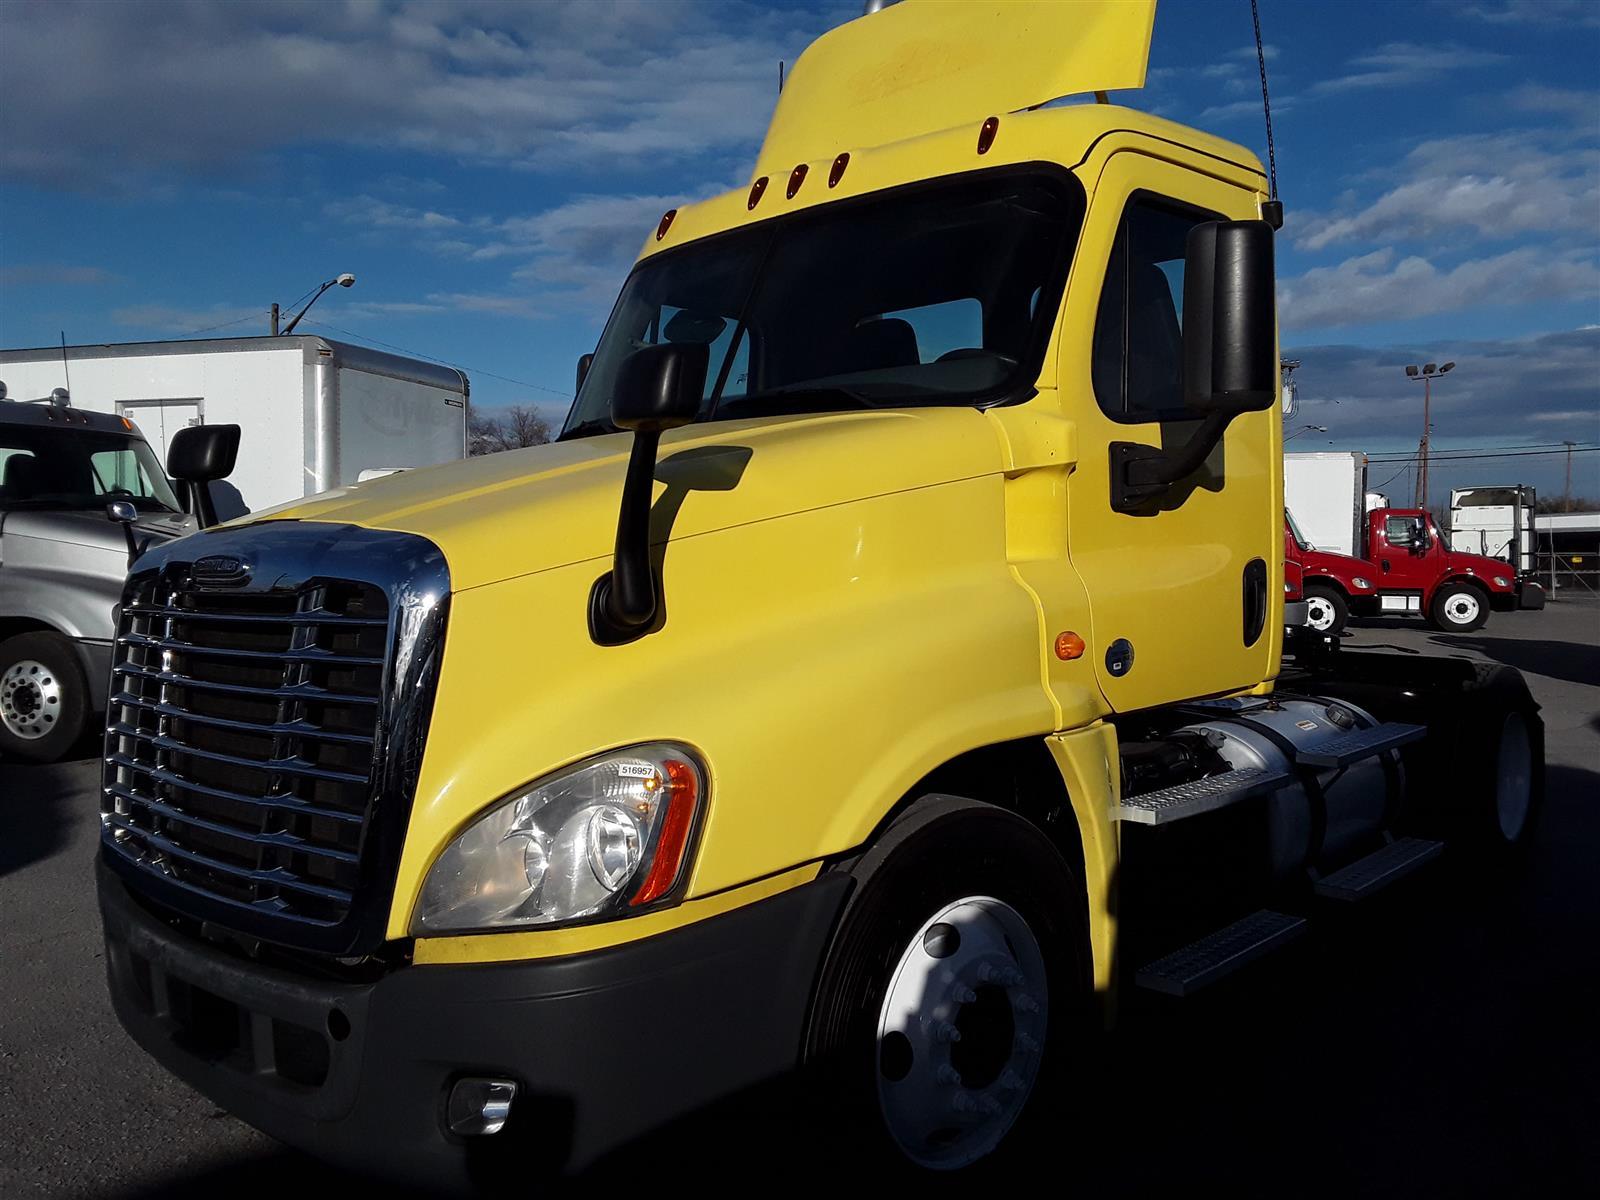 2014 Freightliner Truck 4x2, Tractor #516957 - photo 1